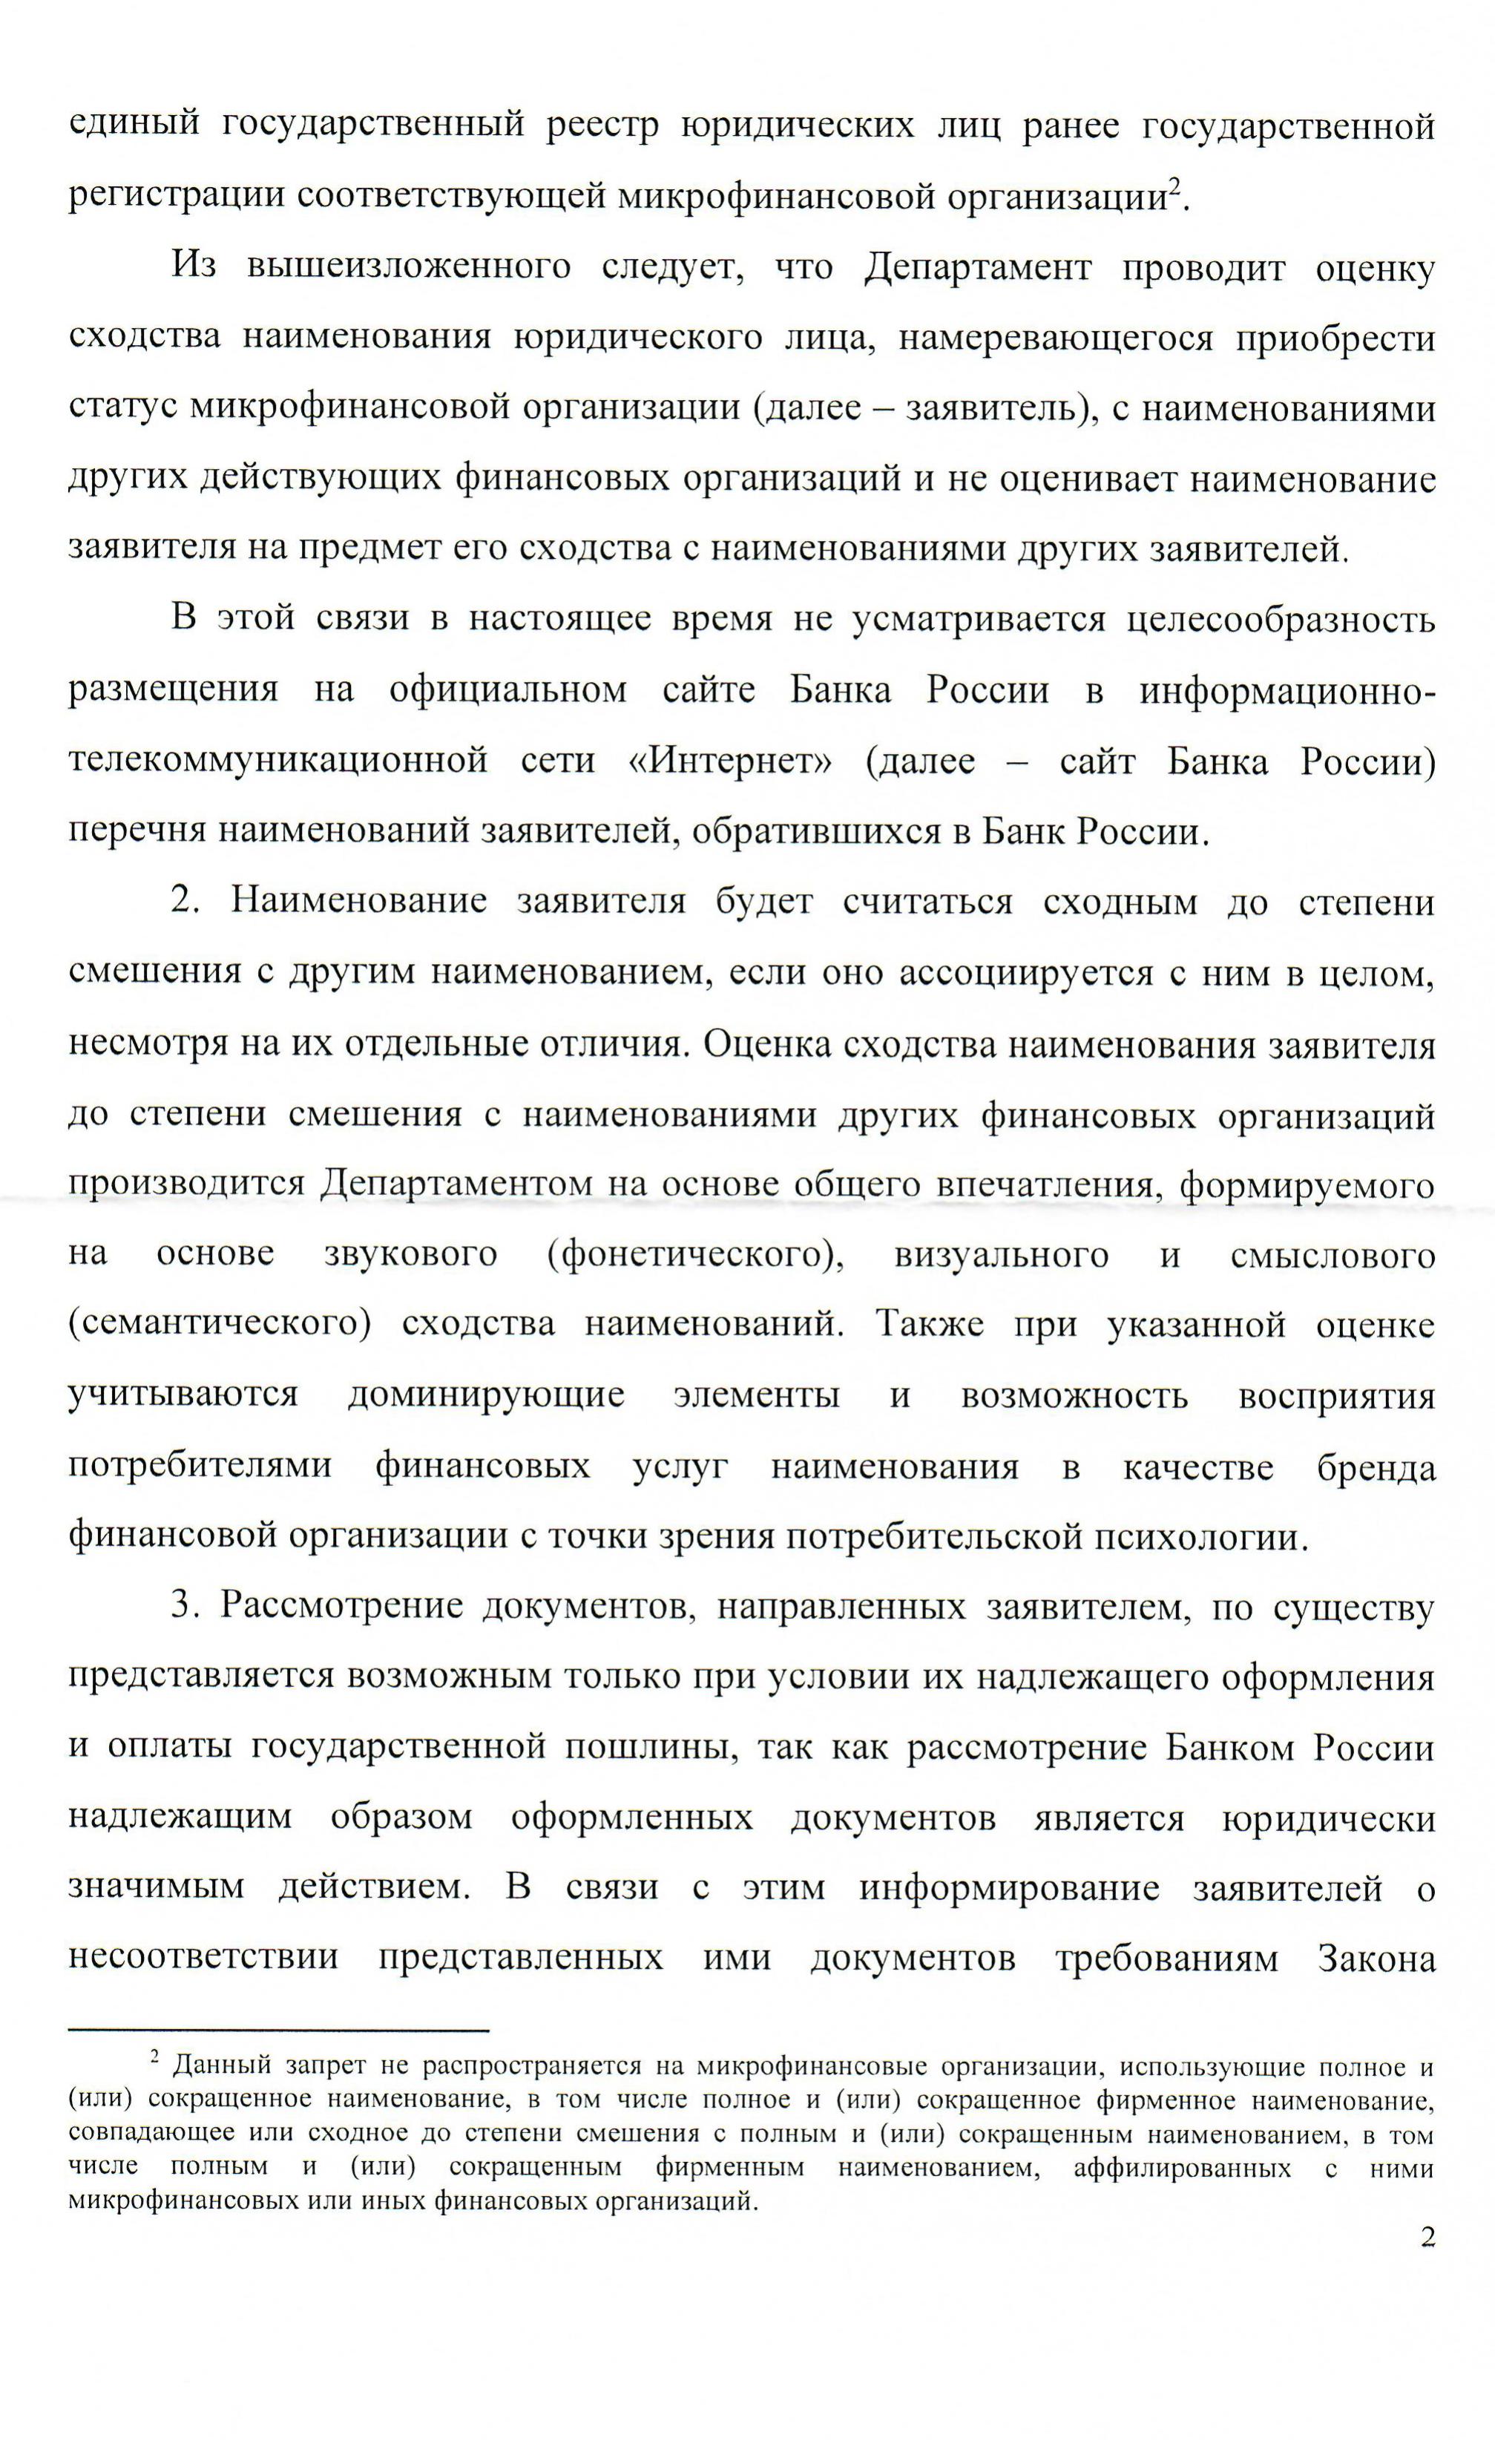 Департамент допуска и прекращения деятельности финансовых организаций Банка России разъяснил требования к допуску на финансовый рынок